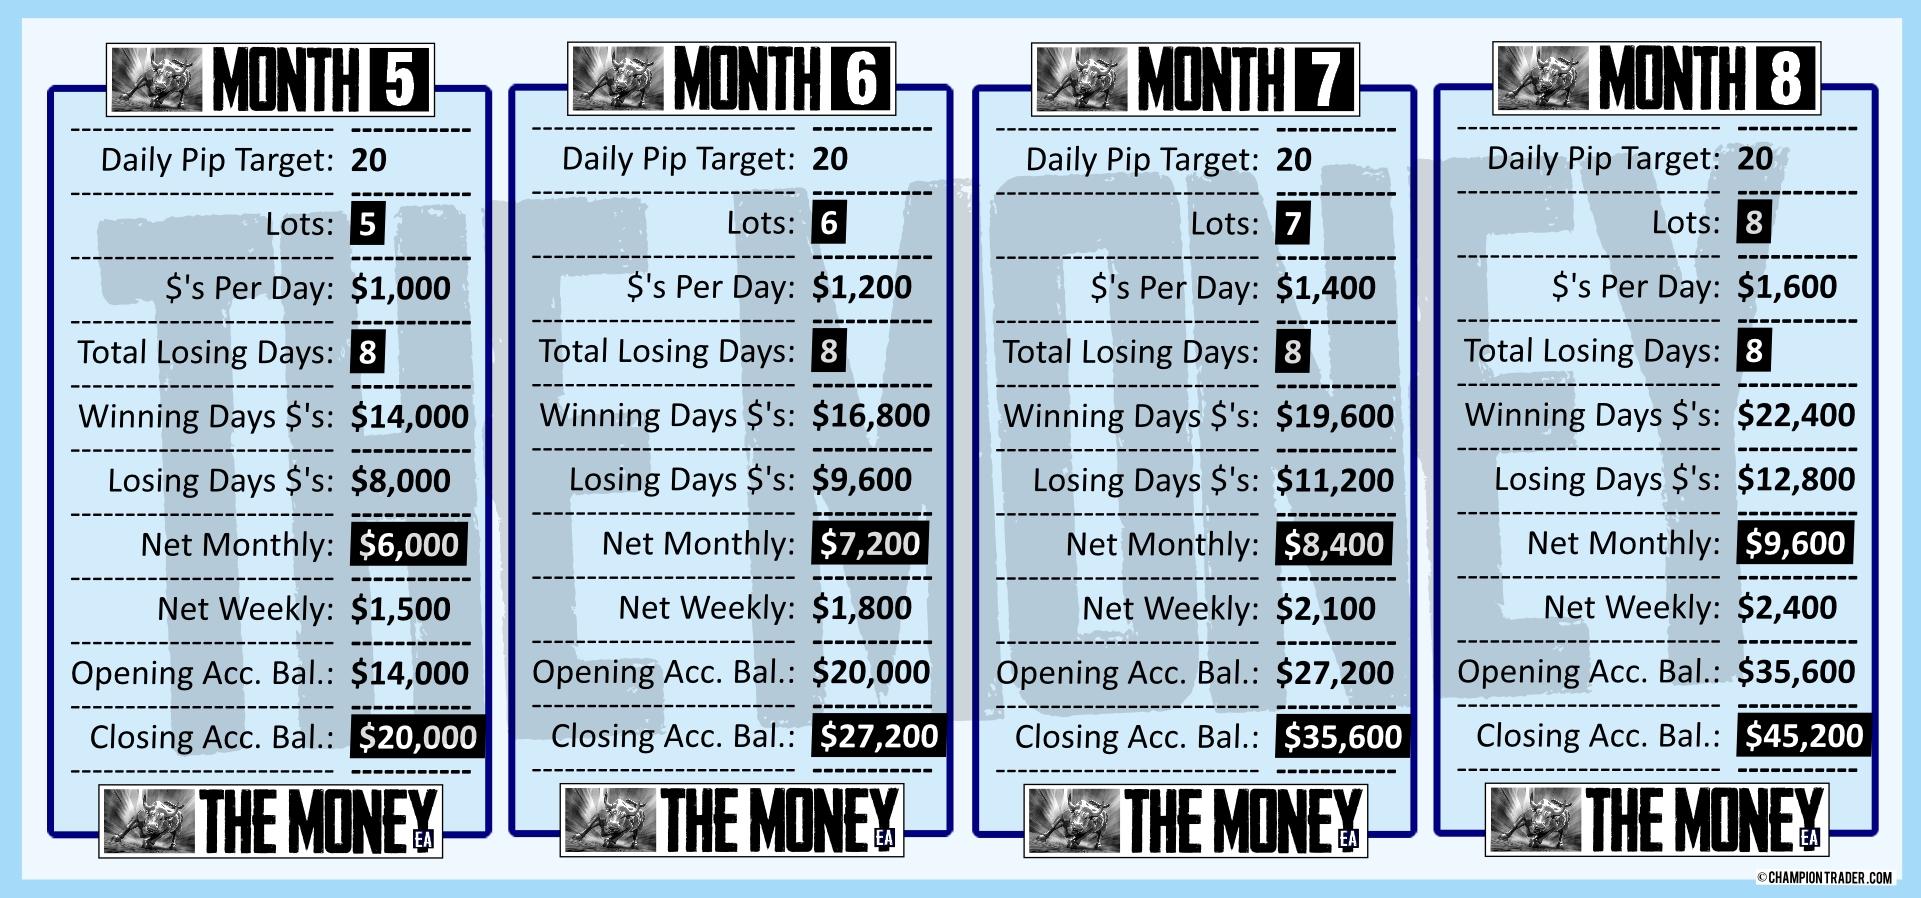 v2 MONTHS 5-8 trading with The Money EA forex expert advisor logo start making money today